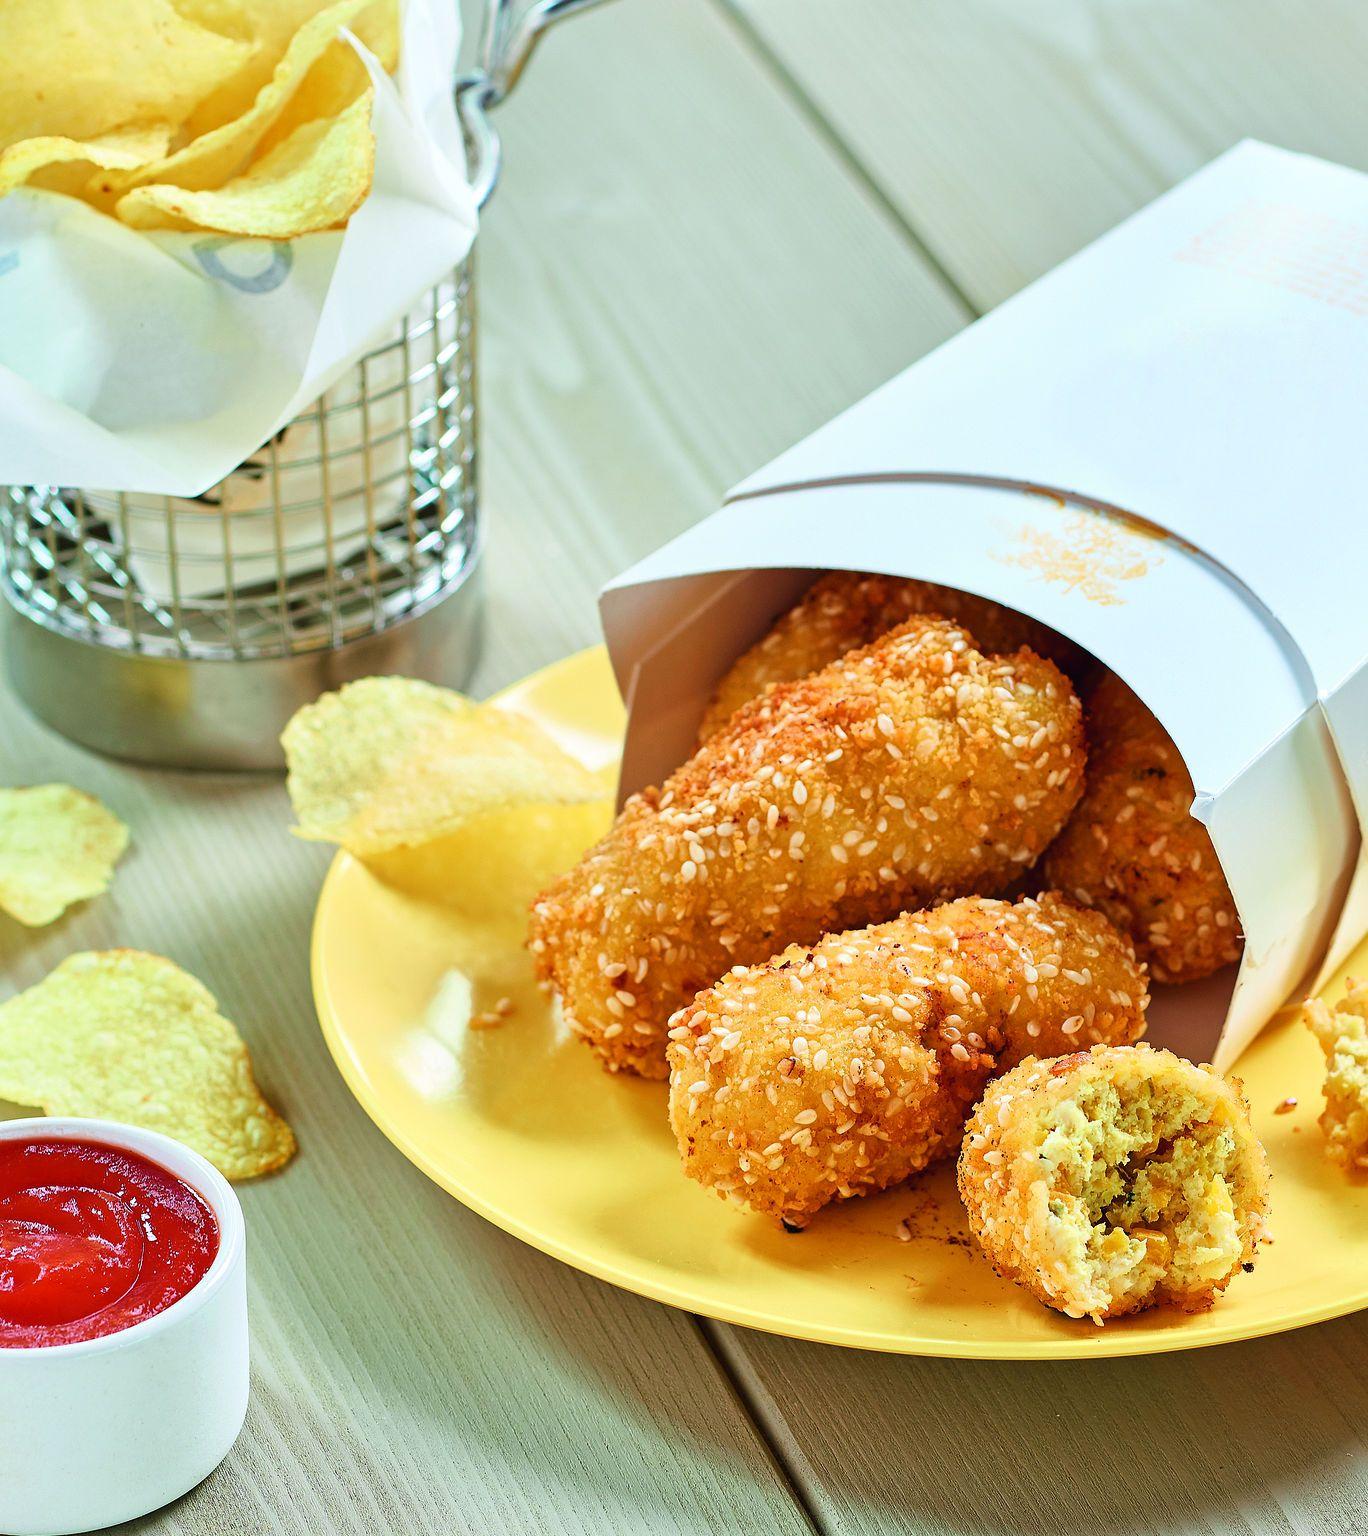 Nug s de poulet aux légumes recette issue de Cookidoo